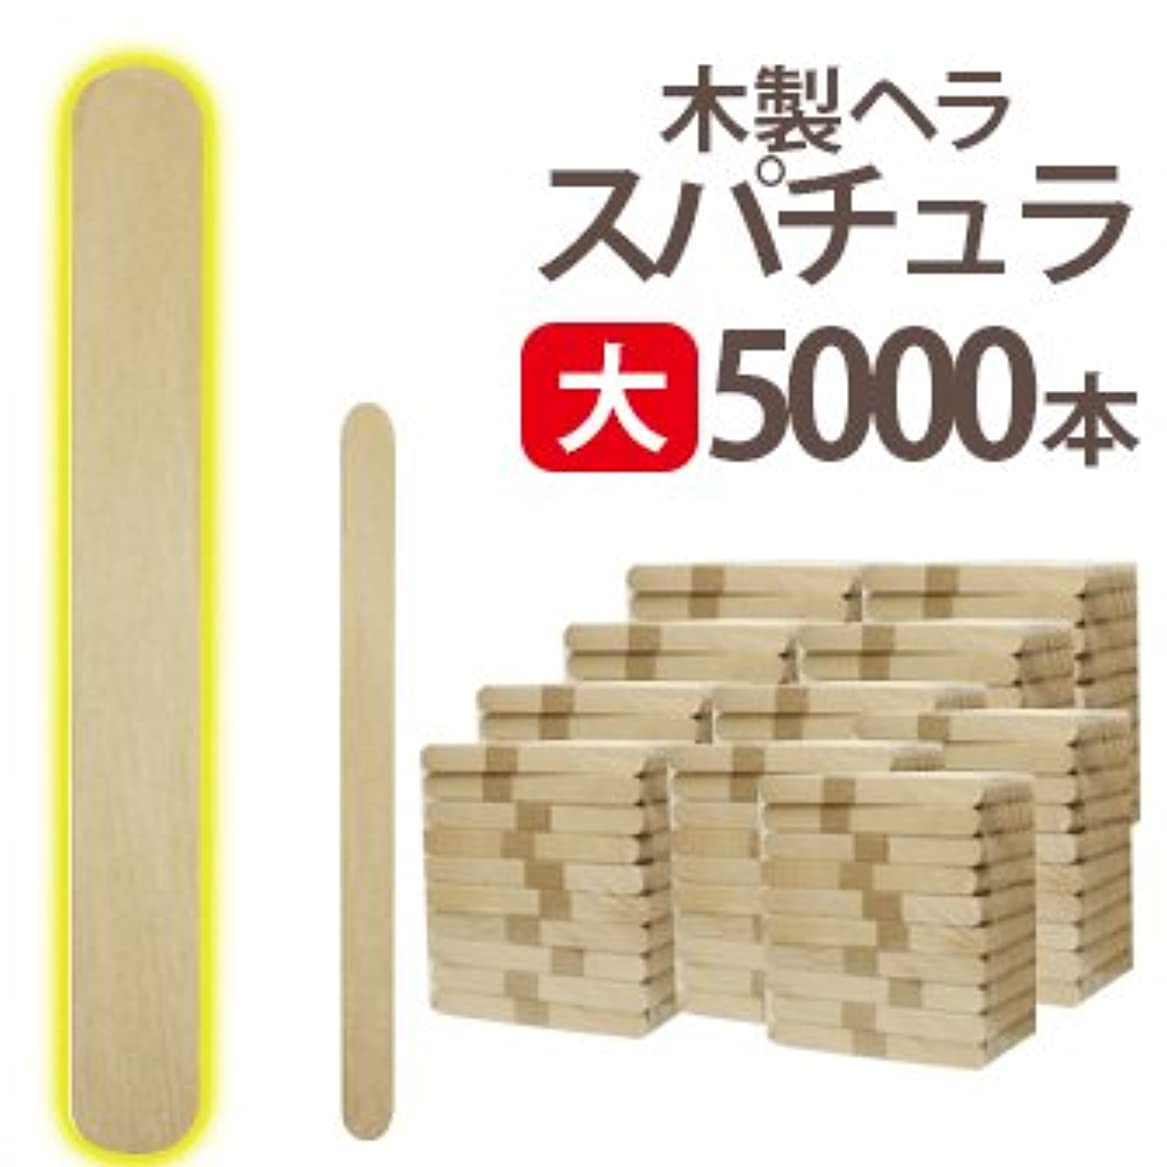 適切な送金高尚な大 ブラジリアンワックス 業務用5000本 スパチュラ Aタイプ(個別梱包なし 150×16)